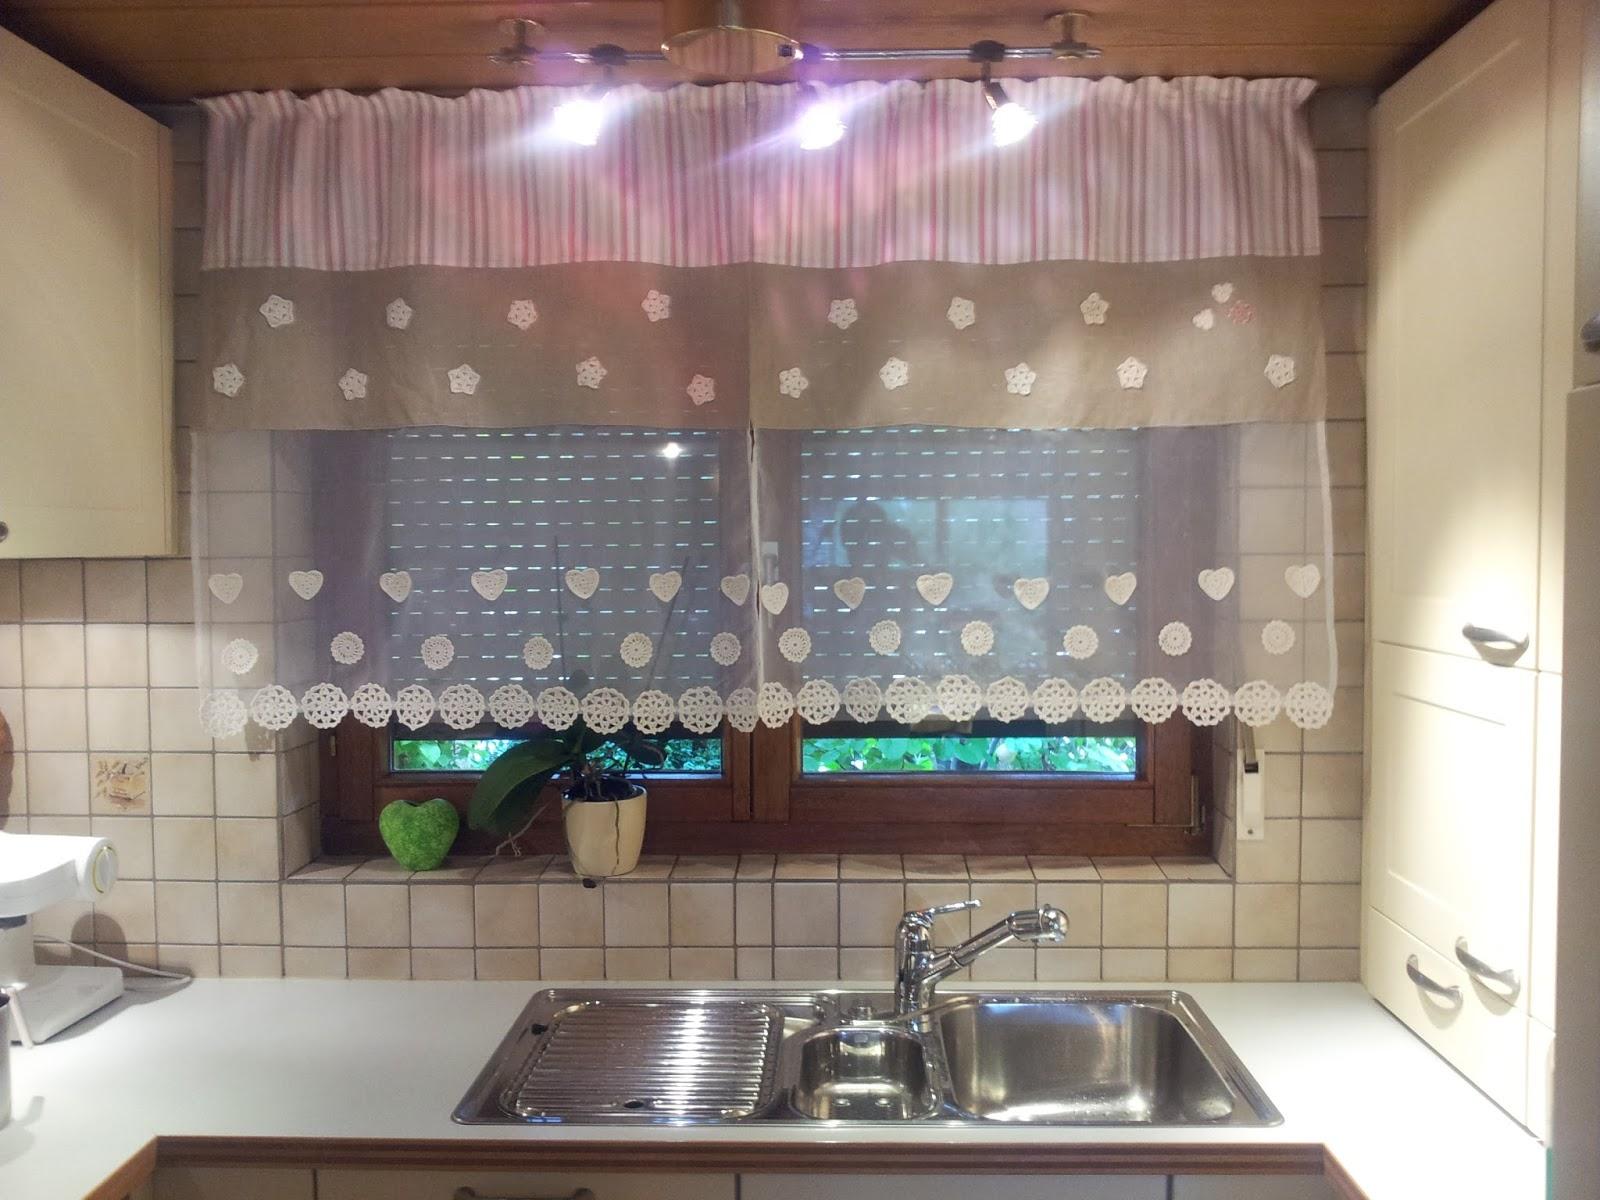 Full Size of Küchengardinen Ikea Kchengardine Mit Hkelelementen Schritt Fr Erklrt Miniküche Küche Kosten Sofa Schlaffunktion Kaufen Betten Bei Modulküche 160x200 Wohnzimmer Küchengardinen Ikea